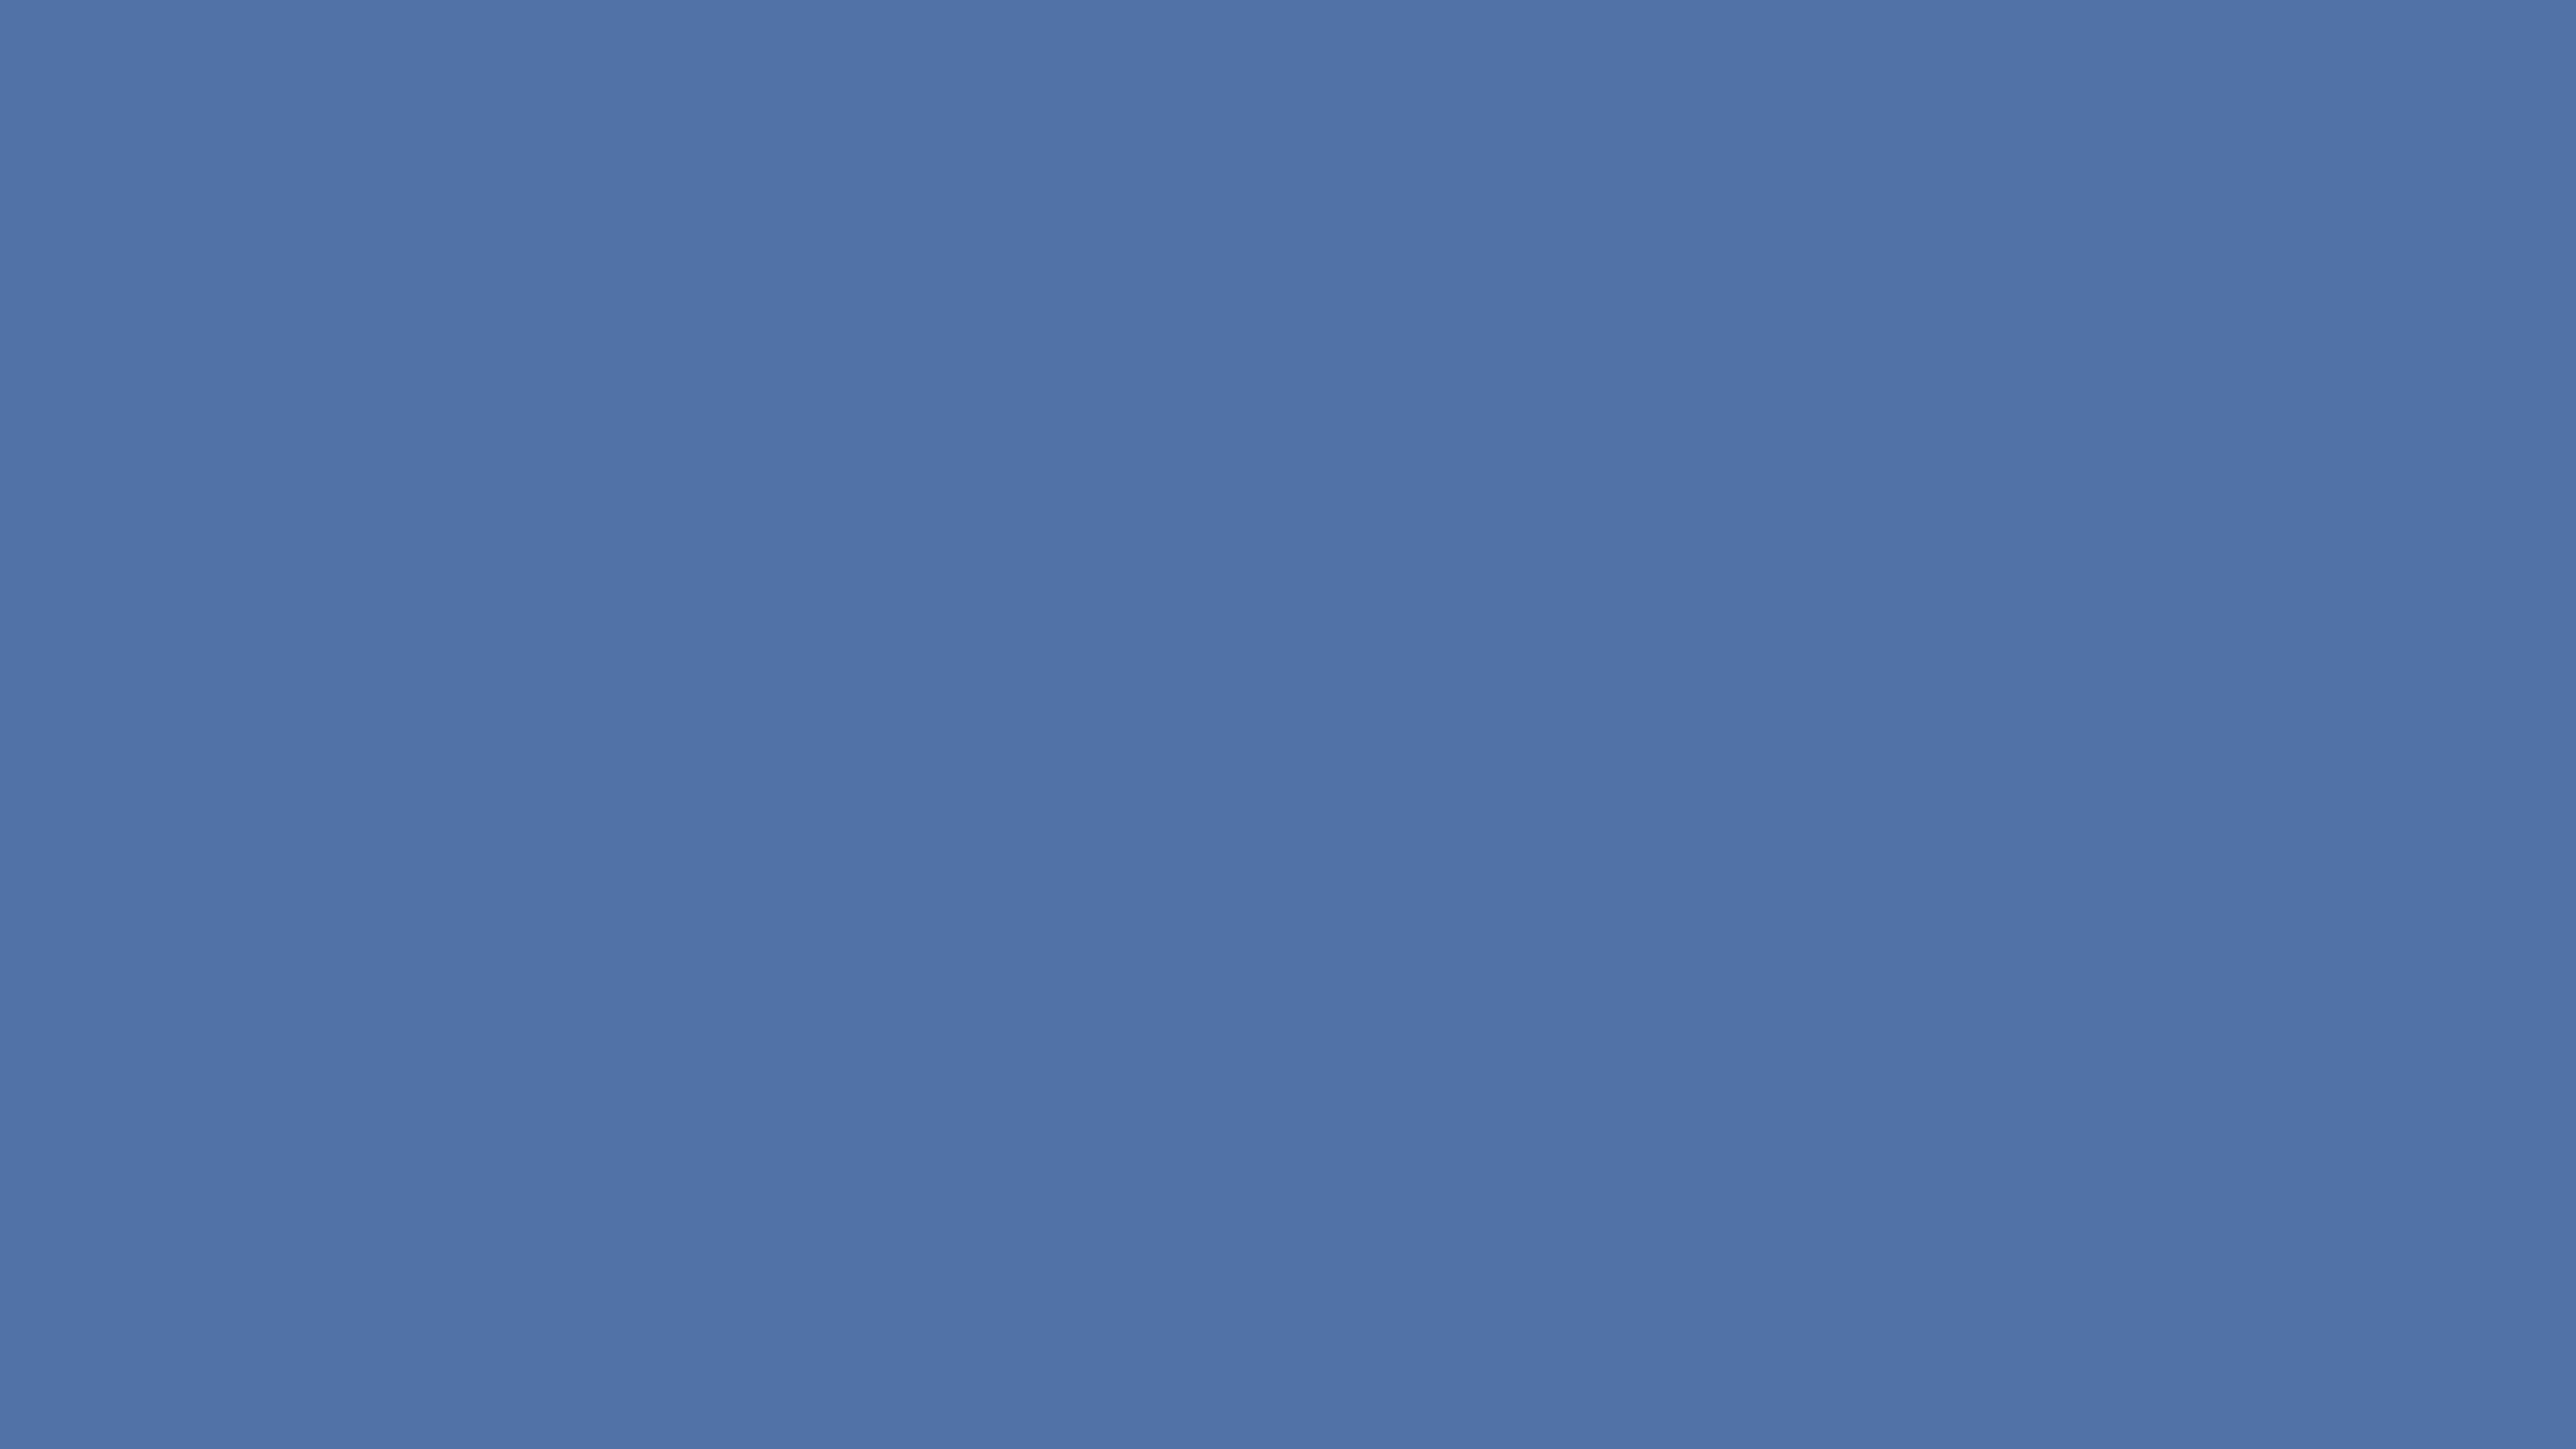 7680x4320 Blue Yonder Solid Color Background